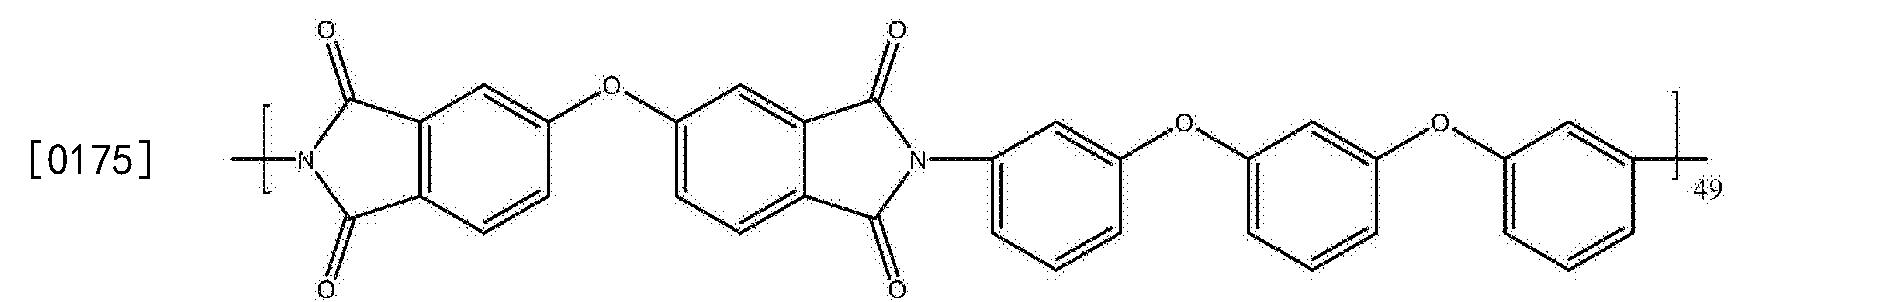 Figure CN104829837BD00212